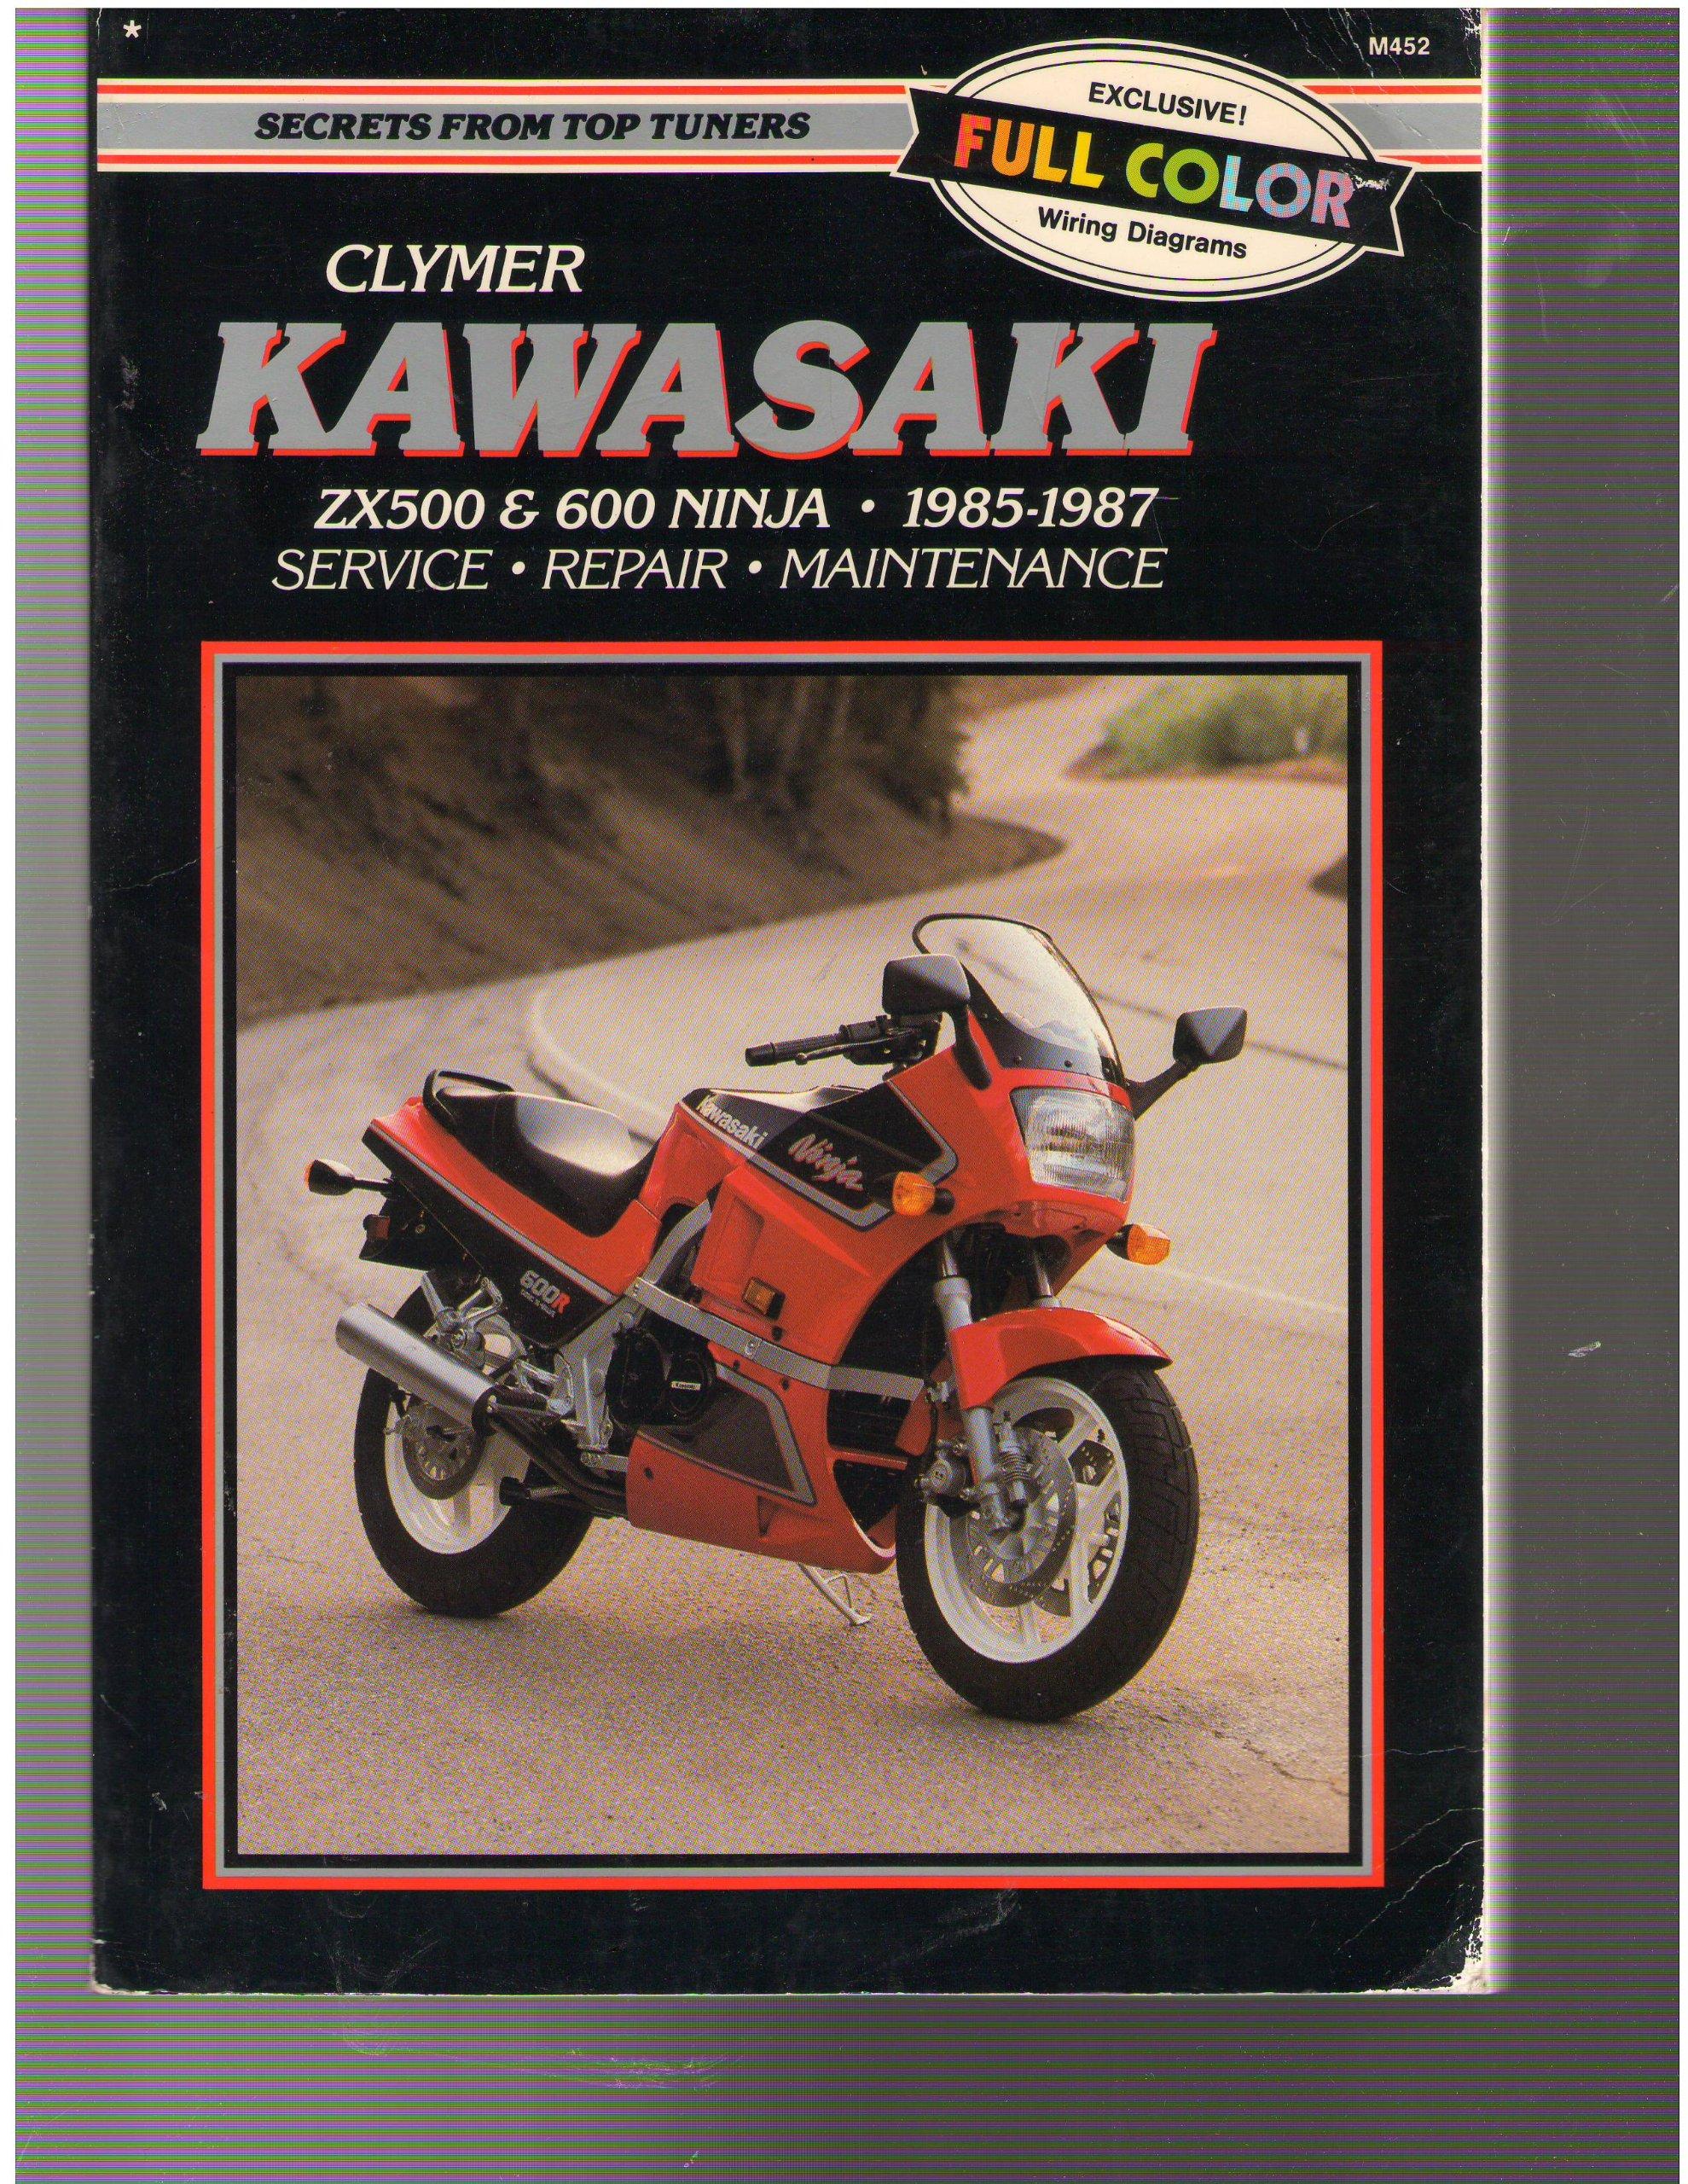 Kawasaki ZX500 & 600 Ninja, 1985-1987: Service Repair ...